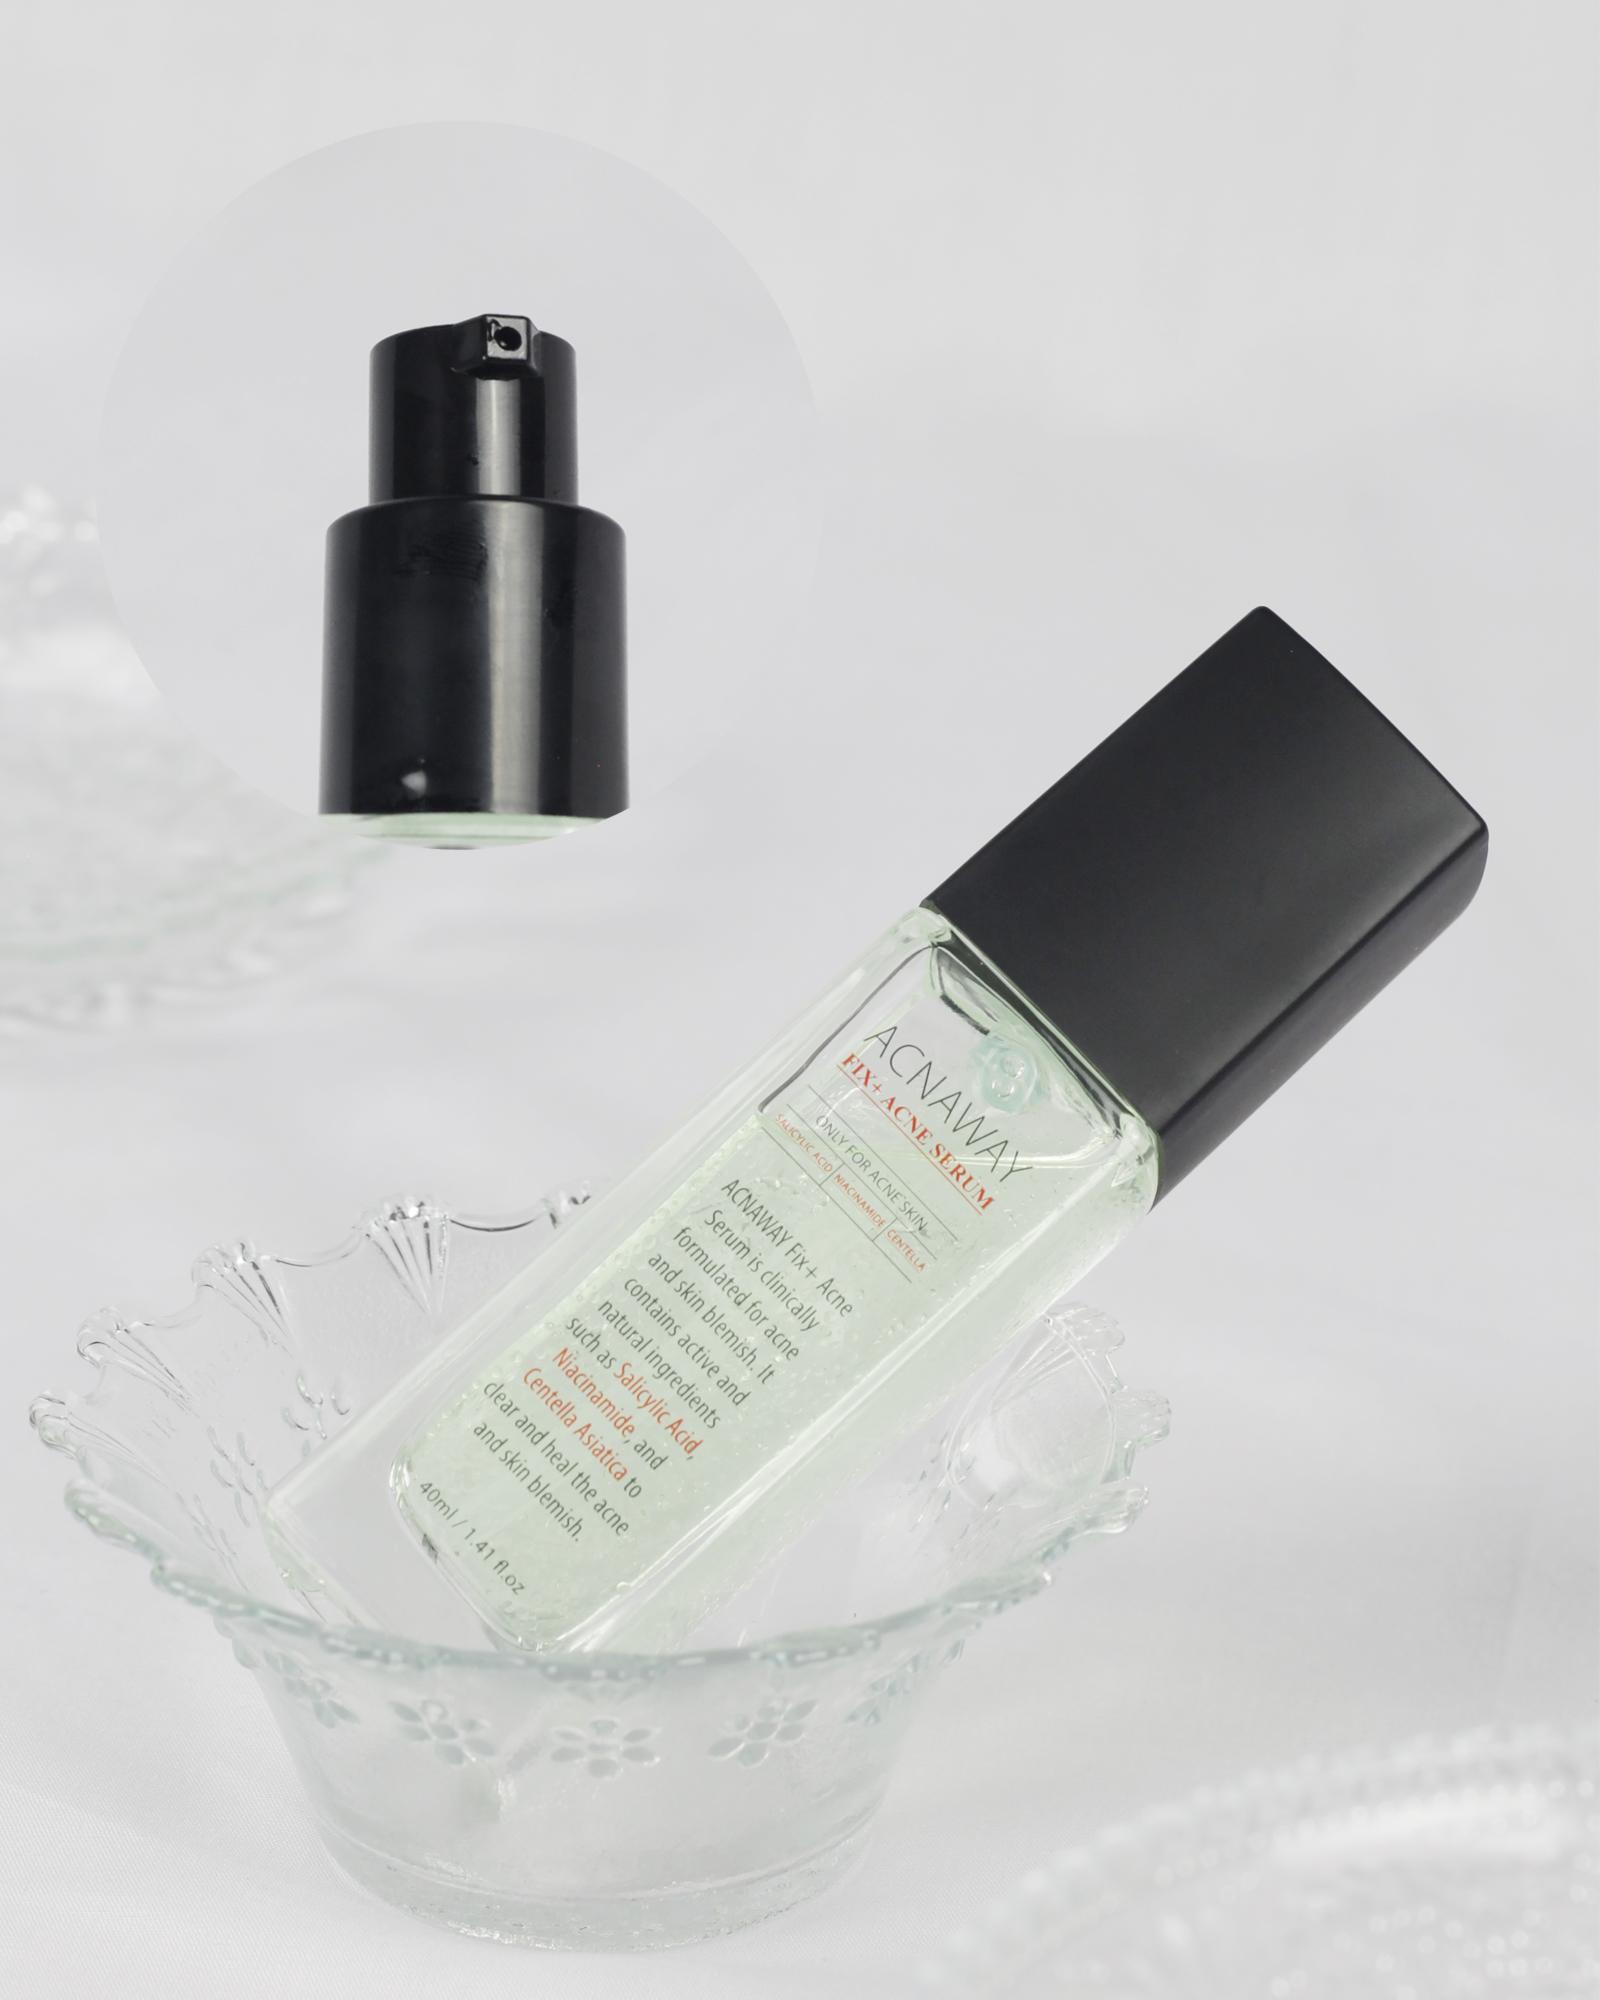 kulitku emang jadi lebih gampang jerawatan Review Acnaway Fix+ Acne Serum, Efektif Untuk Jerawat